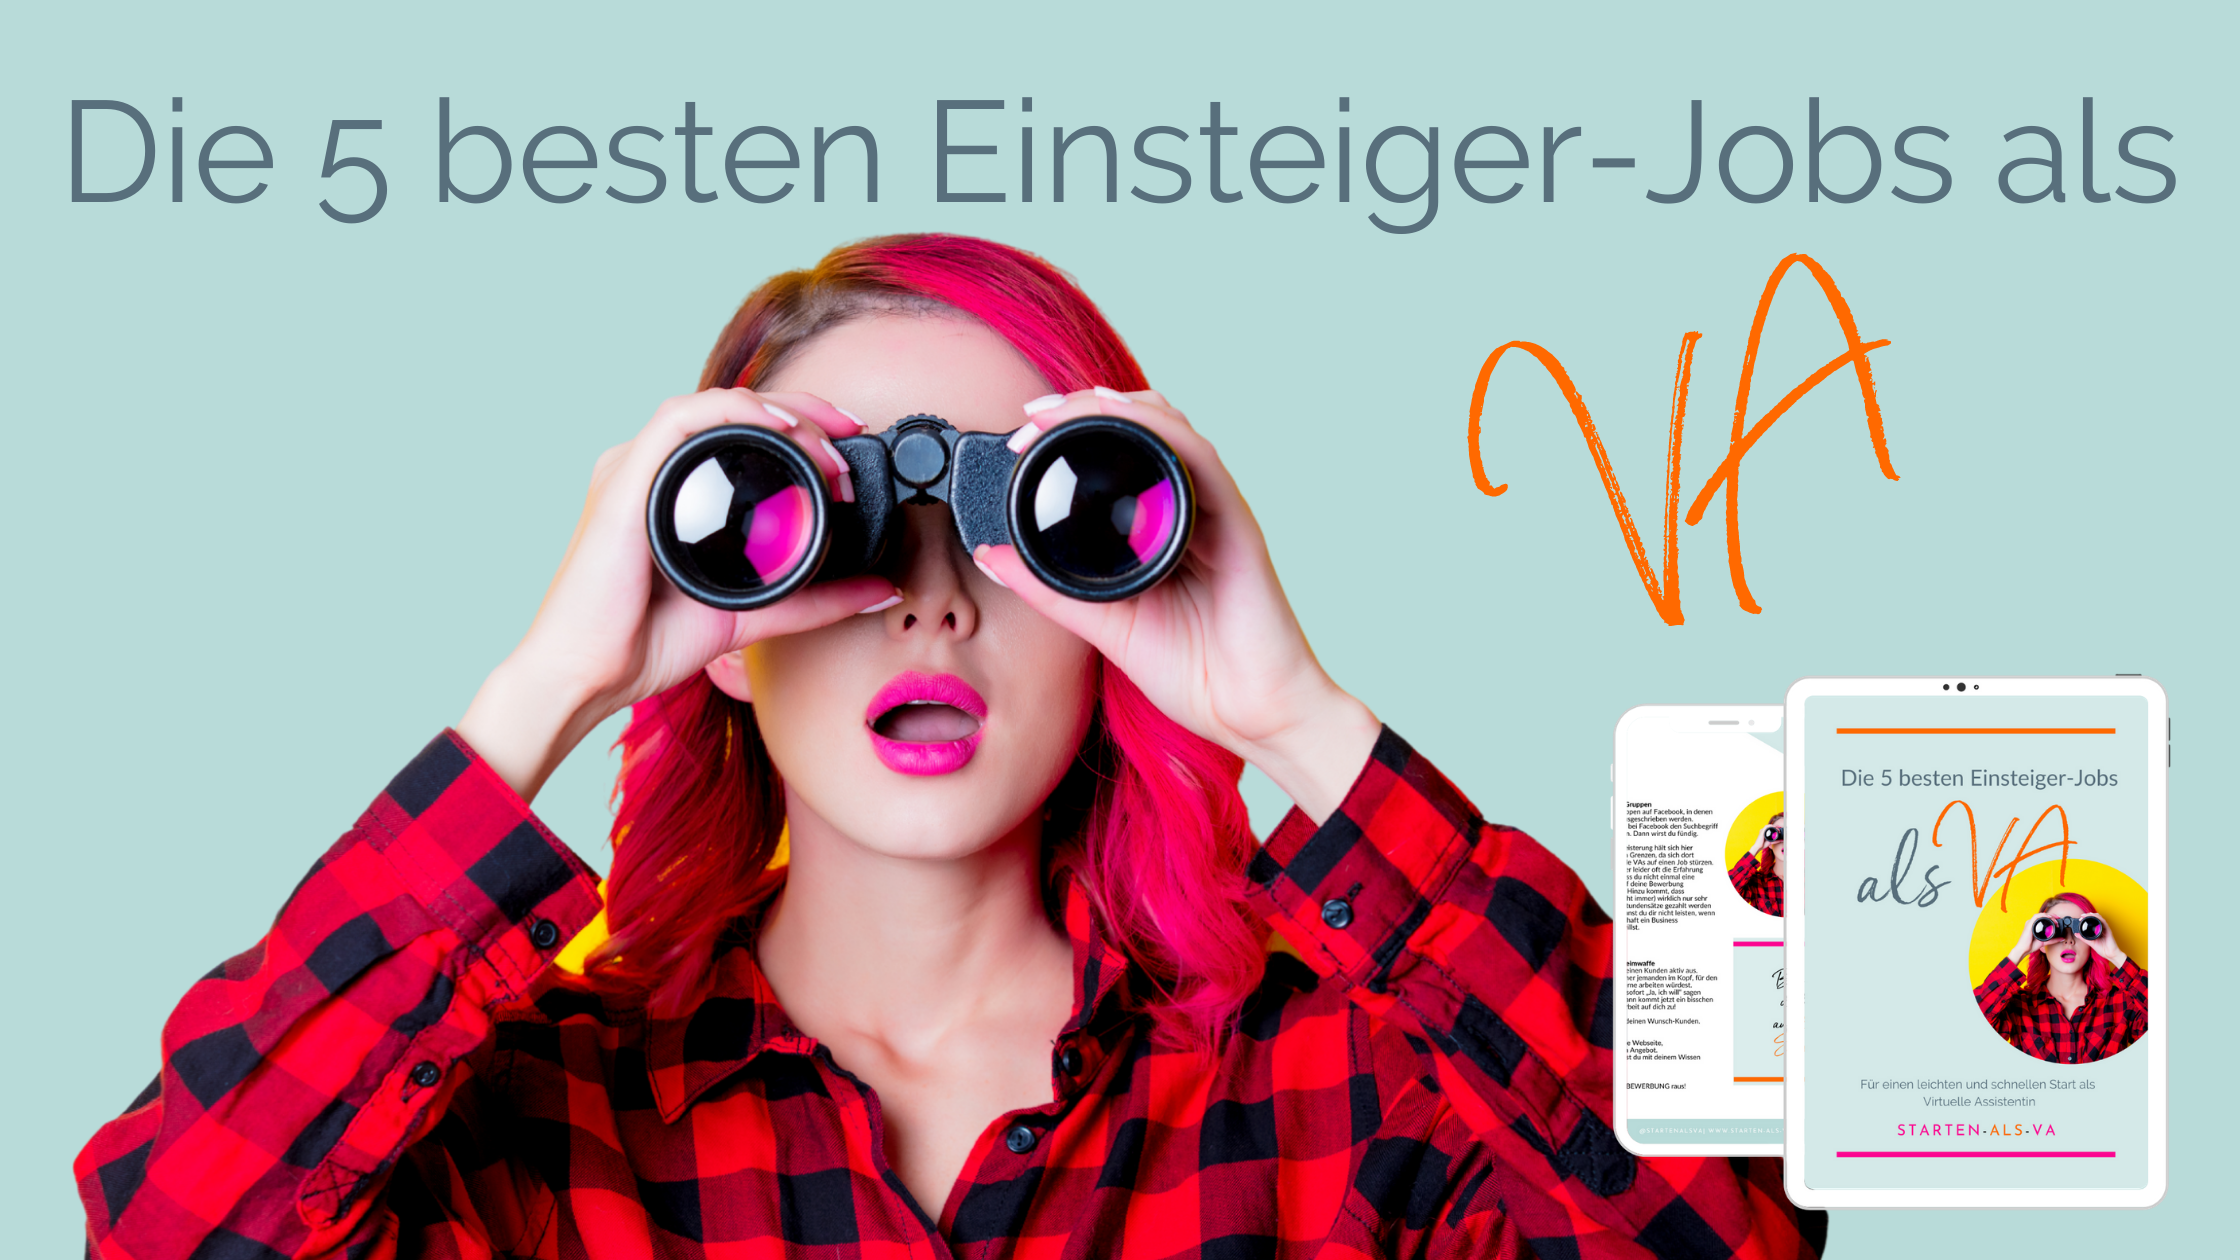 Die 5 besten Einsteiger-Jobs als Virtuelle Assistenz